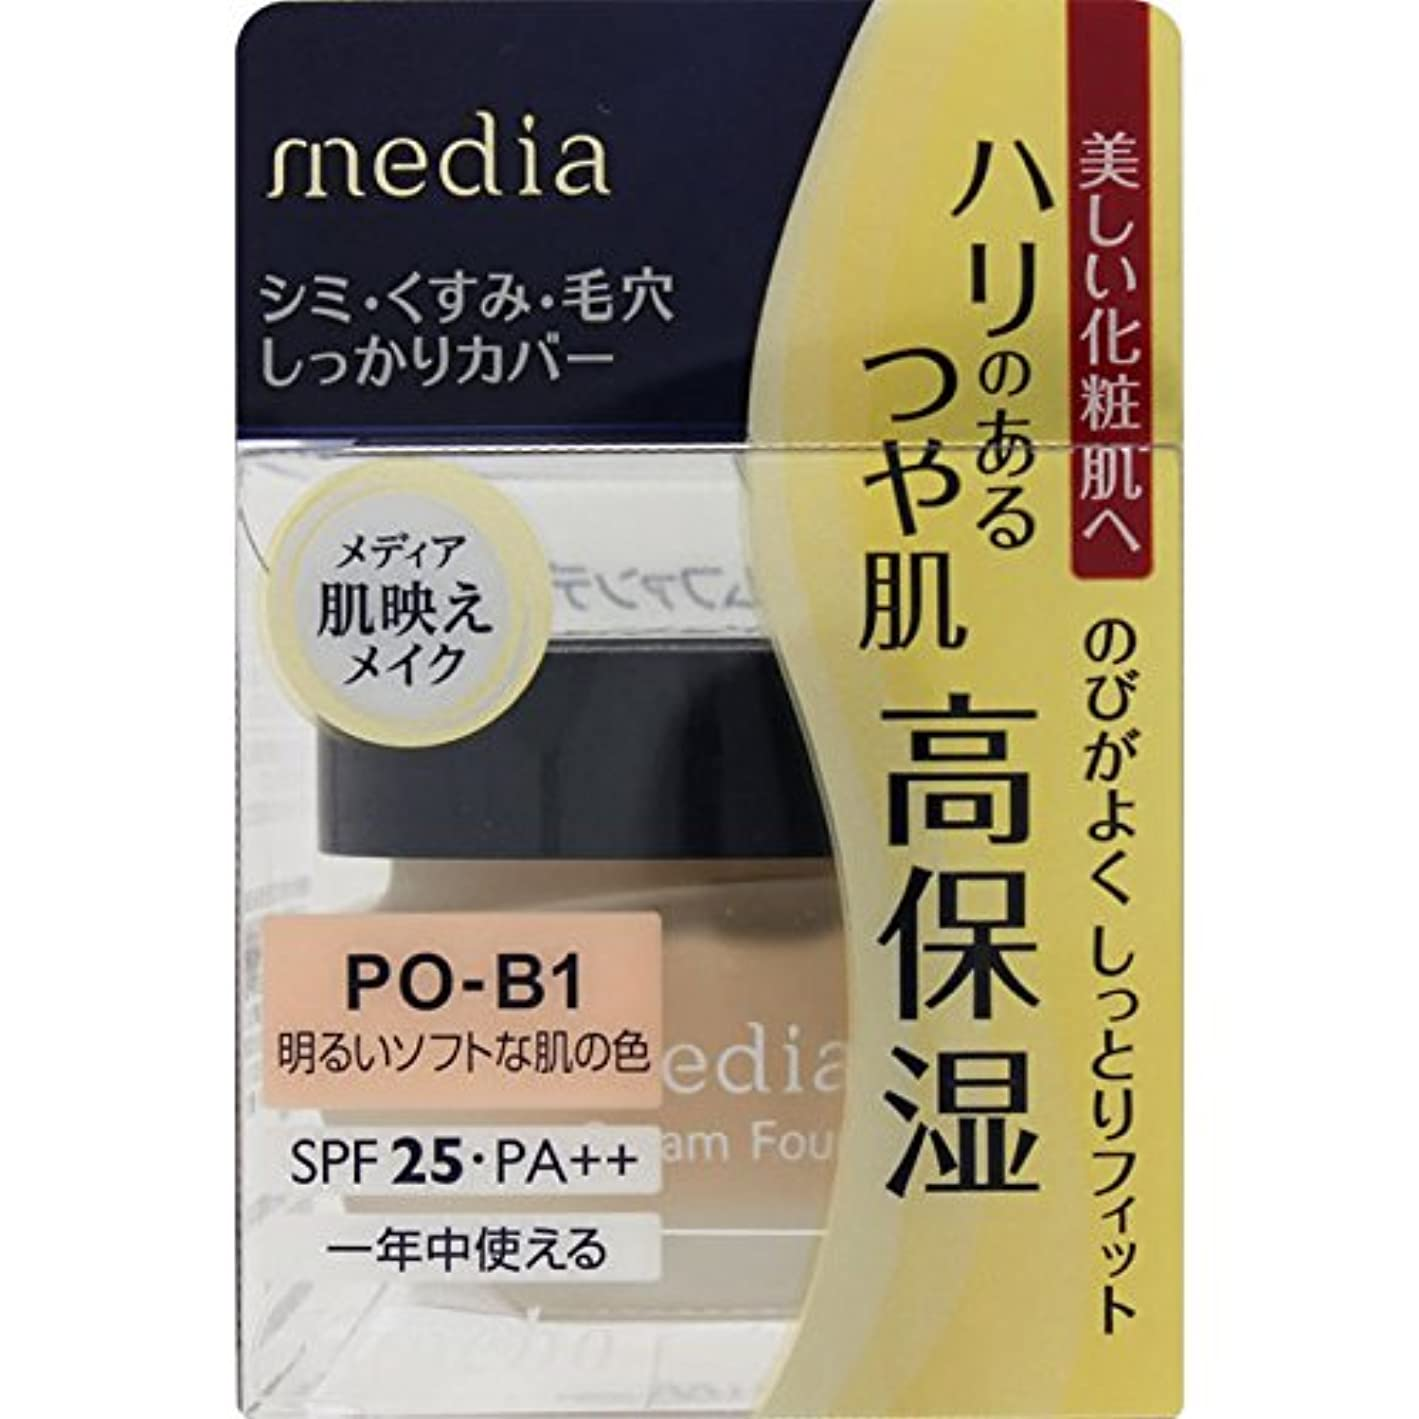 道徳教育レベル燃やすカネボウ化粧品 メディア クリームファンデーション 明るいソフトな肌の色 POーB1